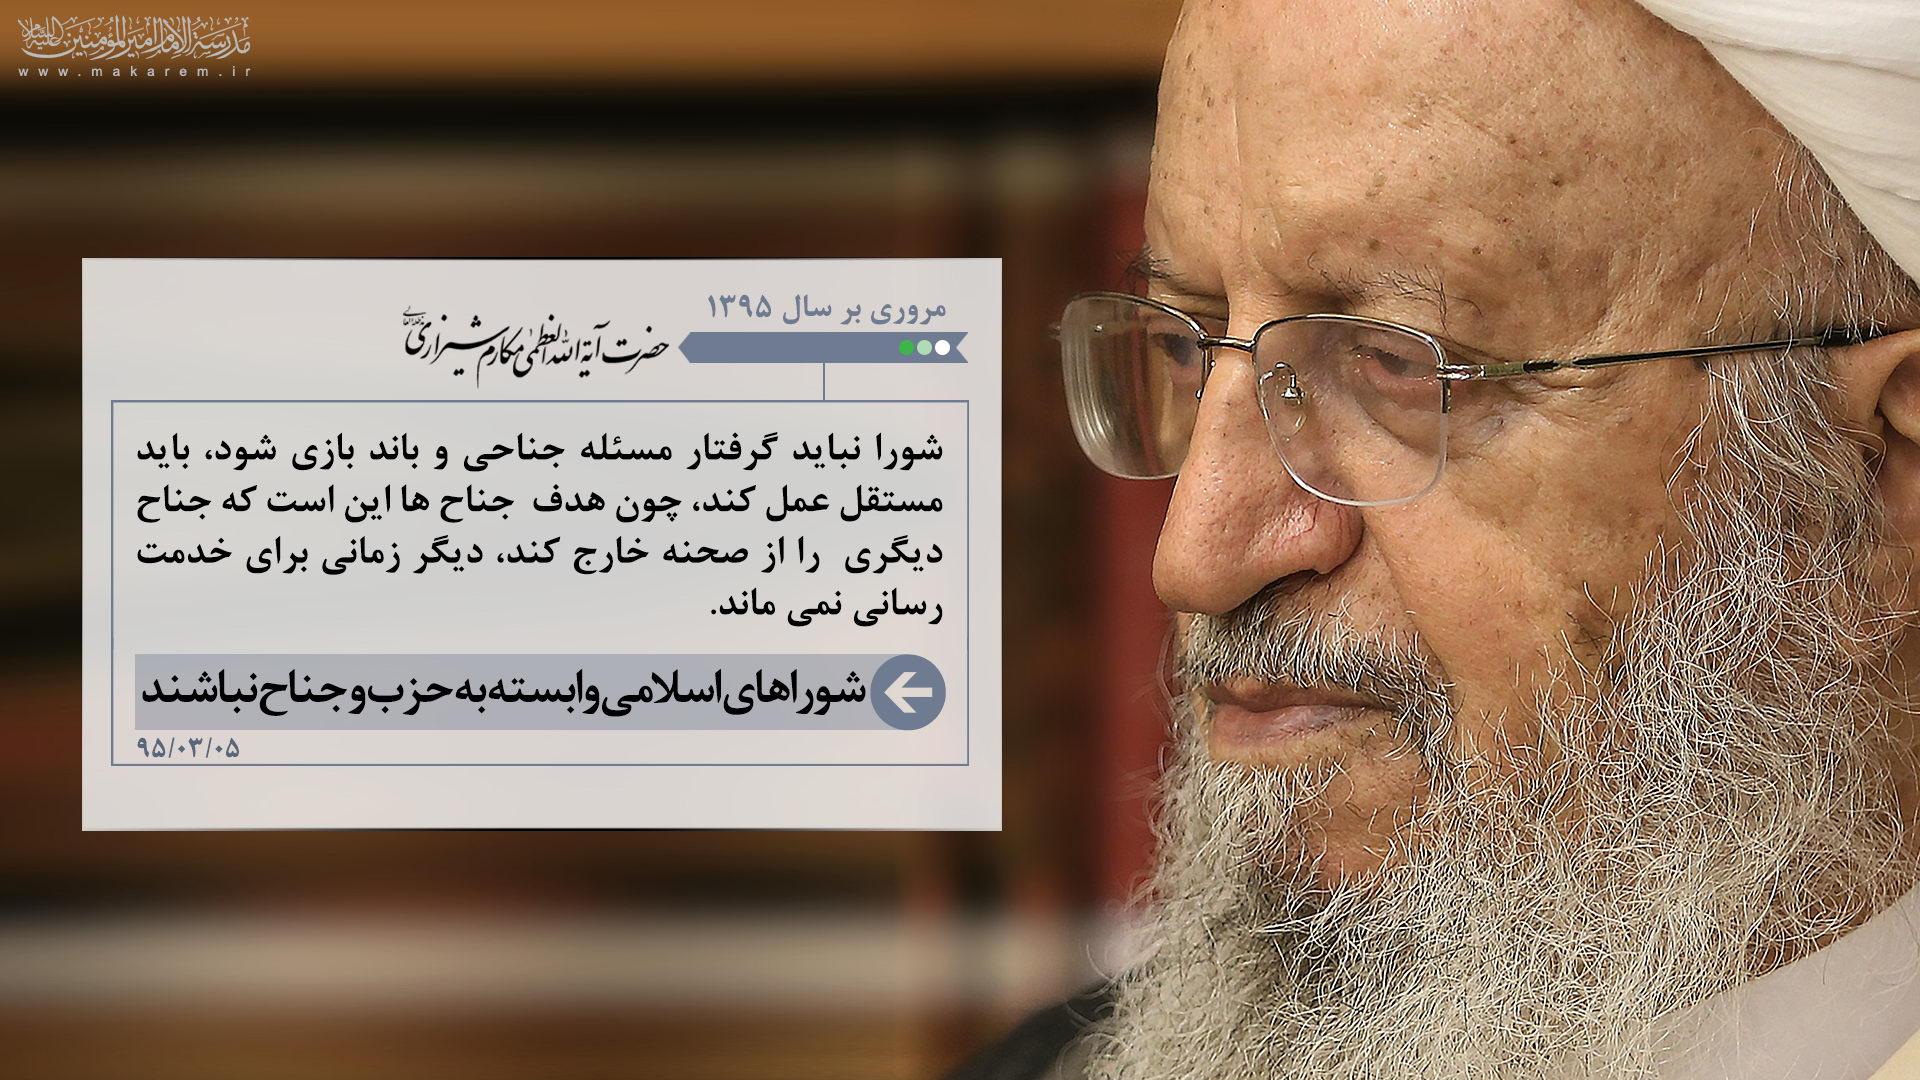 شوراهای اسلامی وابسته به حزب و جناح نباشند-مدرسه الامام امیر المومنین (ع)